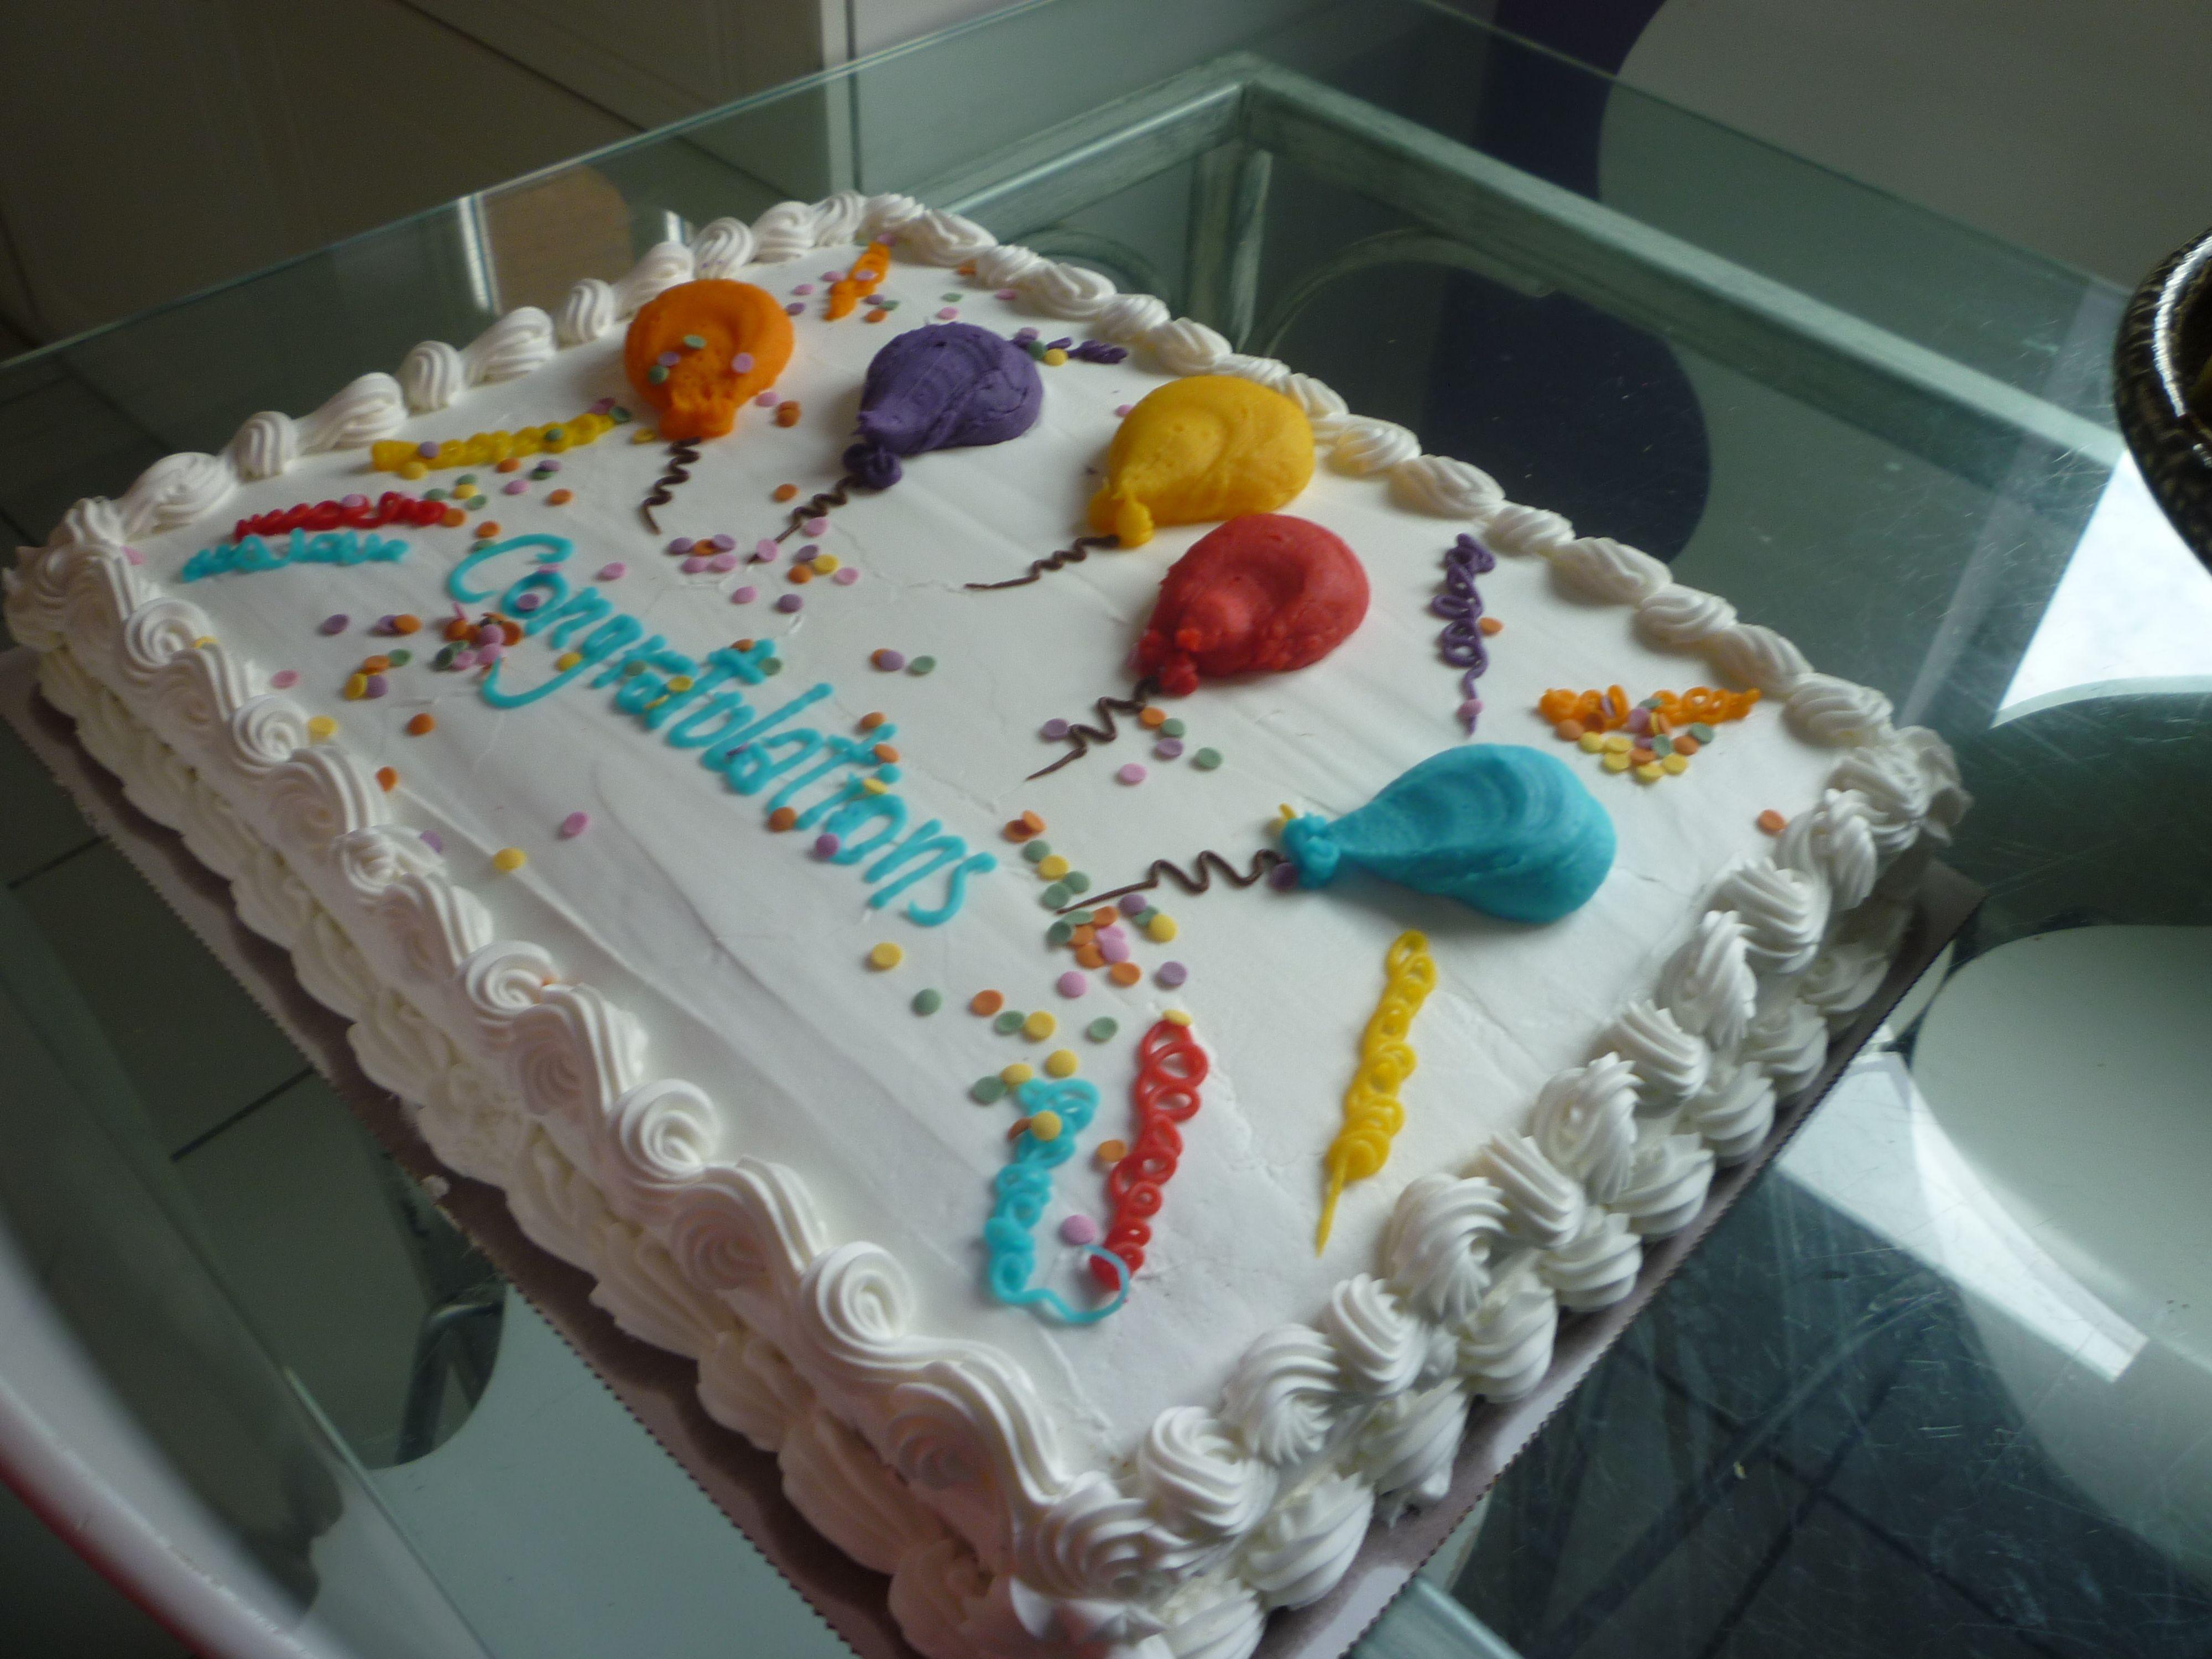 costco bakery cake designs - Villa-chems.com